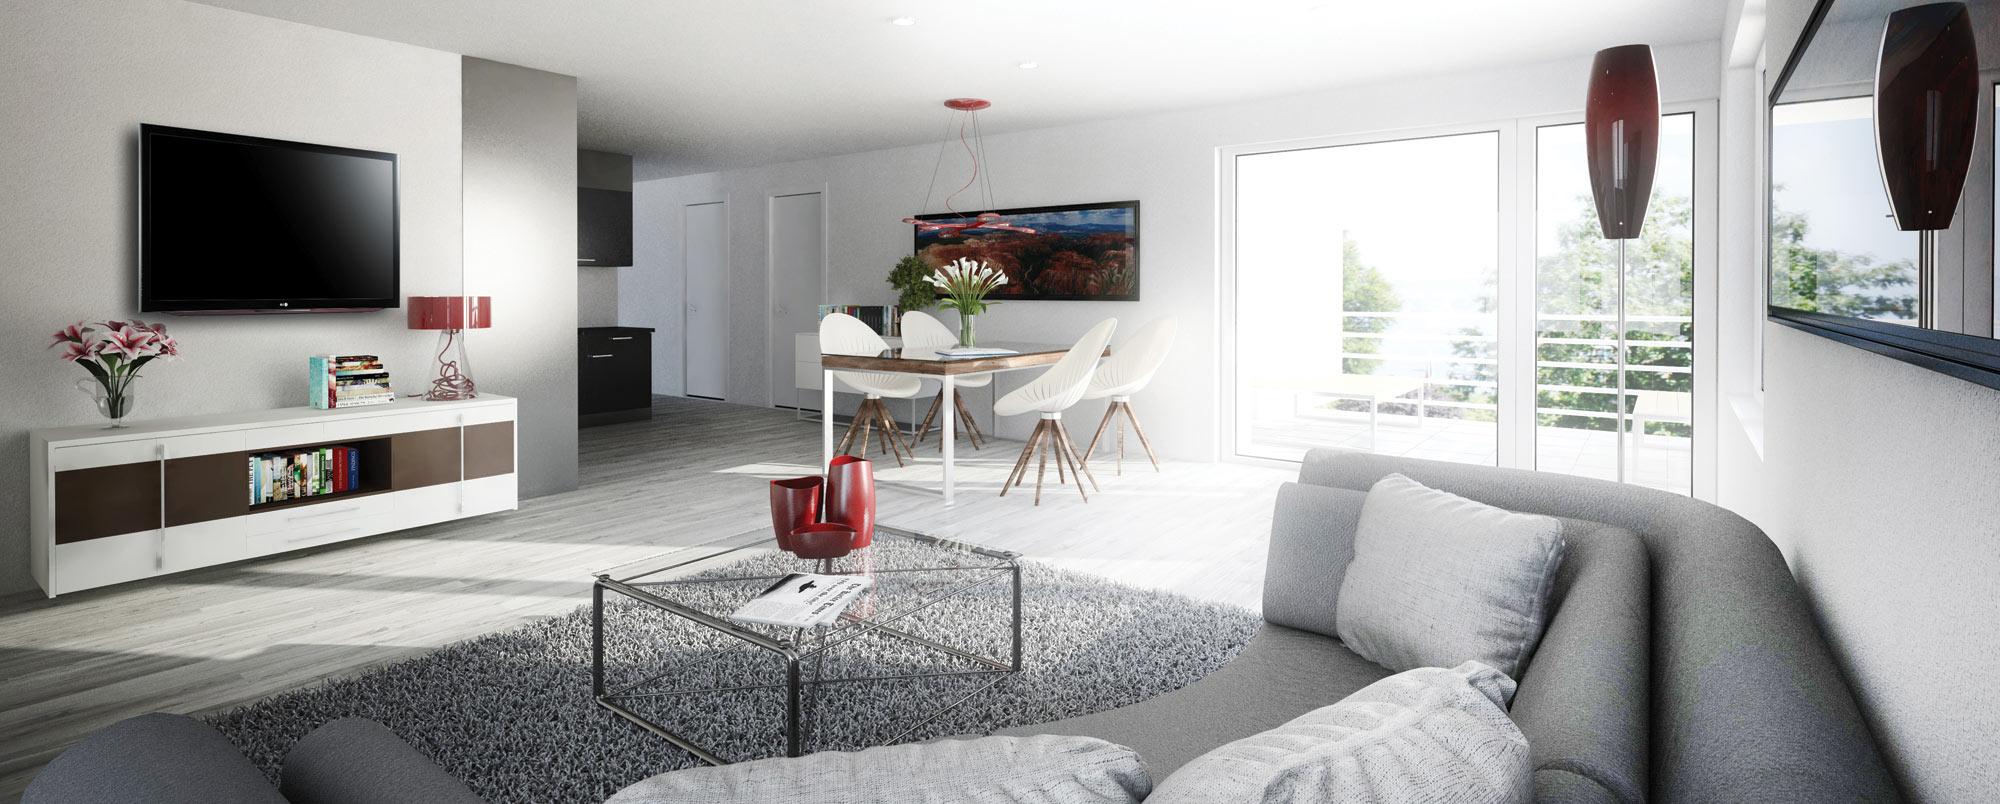 Wohnideen Dübendorf eigentumswohnung in zürich kaufen und ihren wohntraum erfüllen